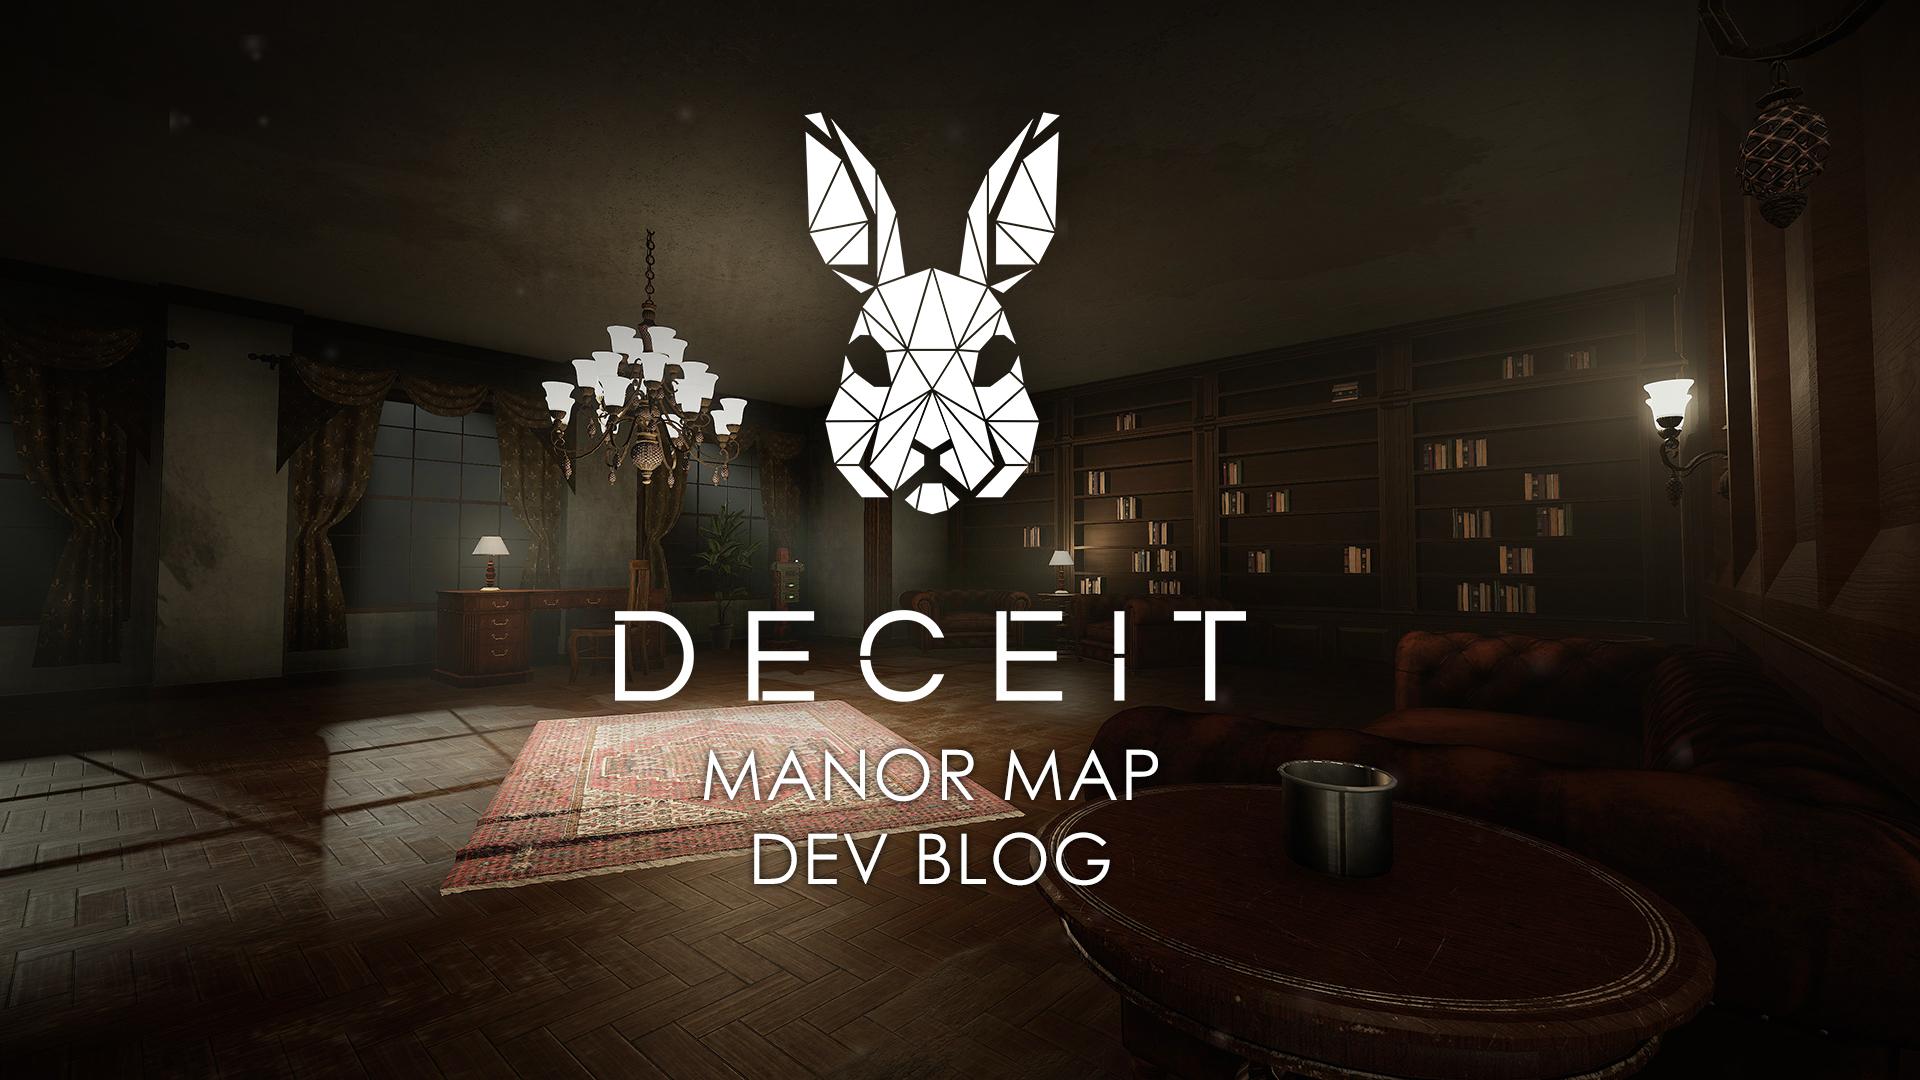 ผลการค้นหารูปภาพสำหรับ Deceit